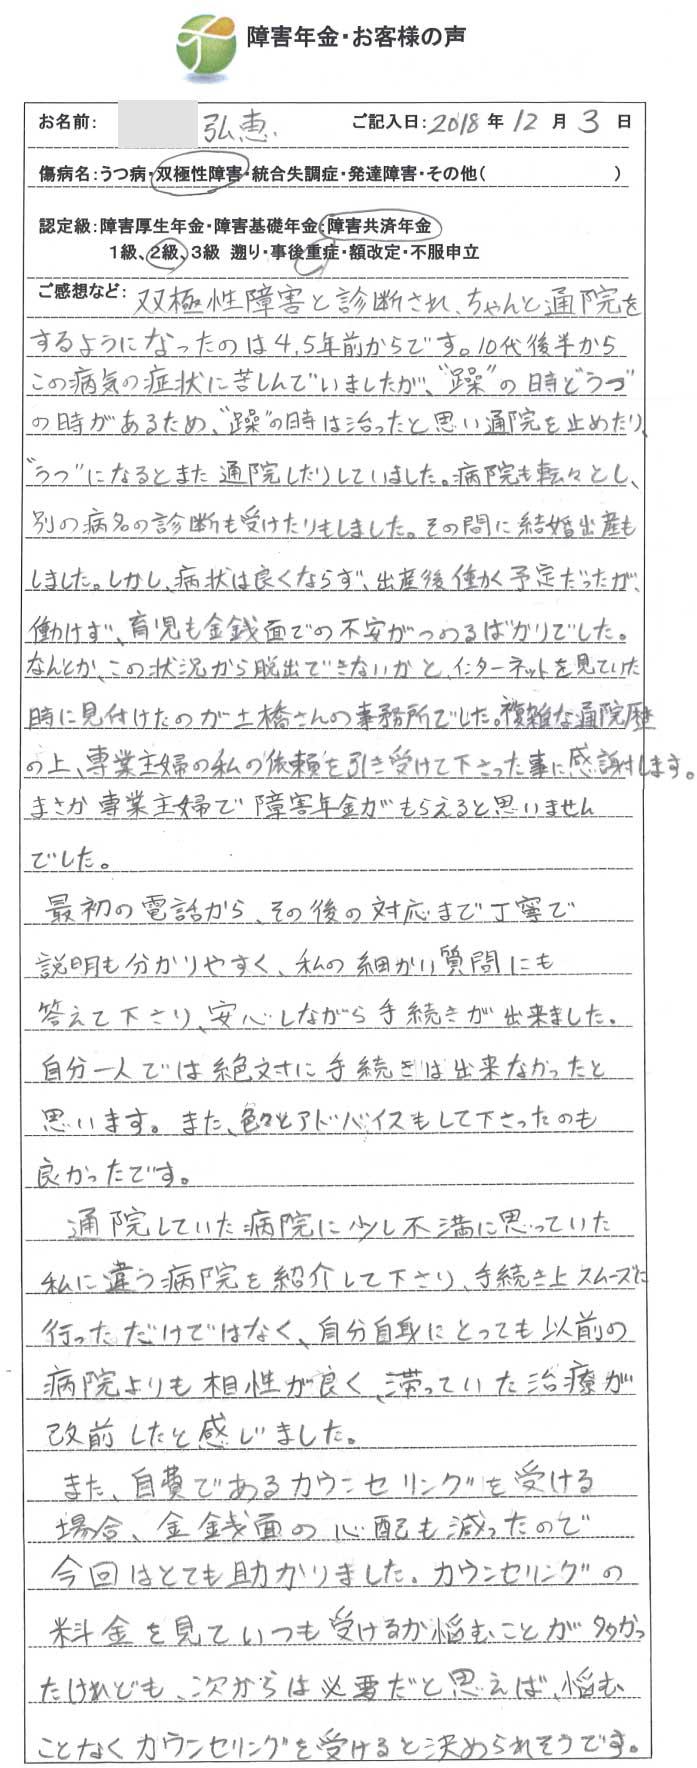 弘恵様のご依頼から申請までの経過